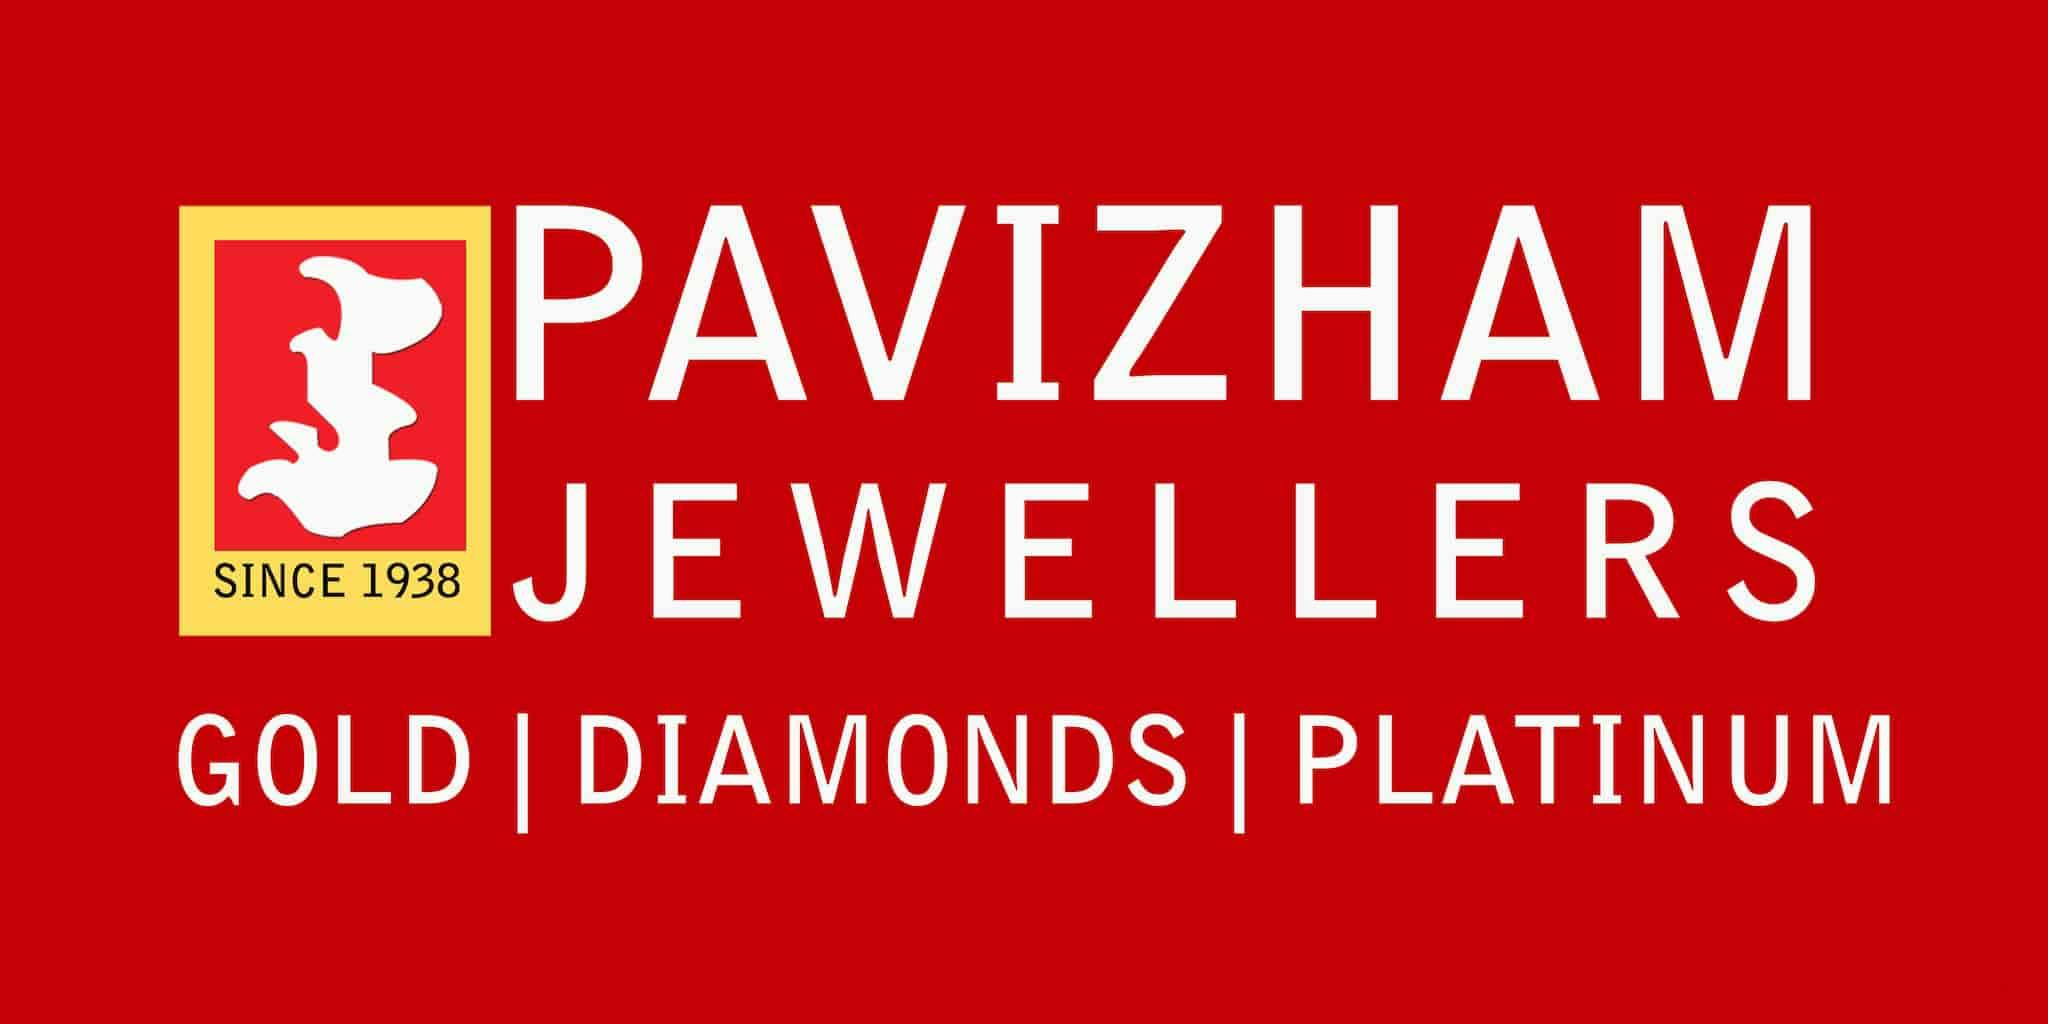 Pavizham Jewellers, Gandhipuram - Gold Jewellery Showrooms